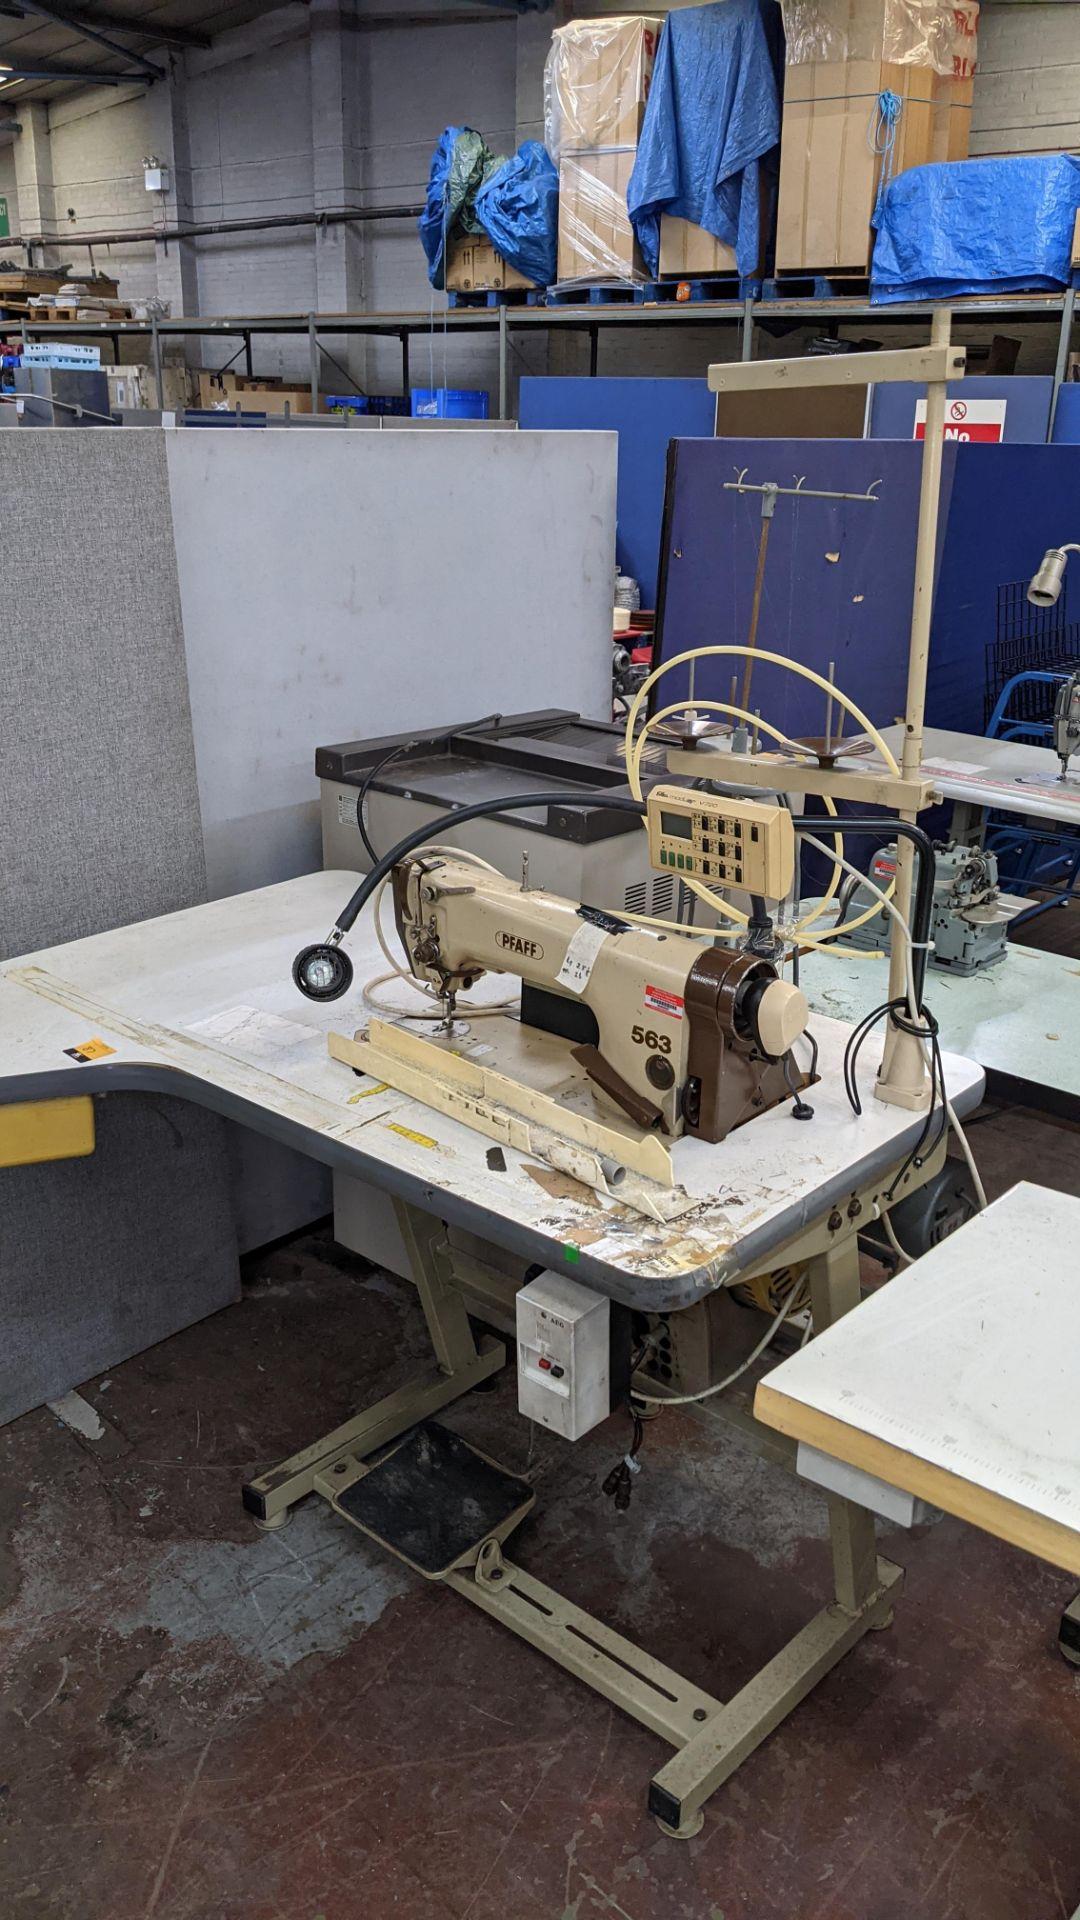 Pfaff model 563 sewing machine with Efka modular V720 digital controller - Image 3 of 13